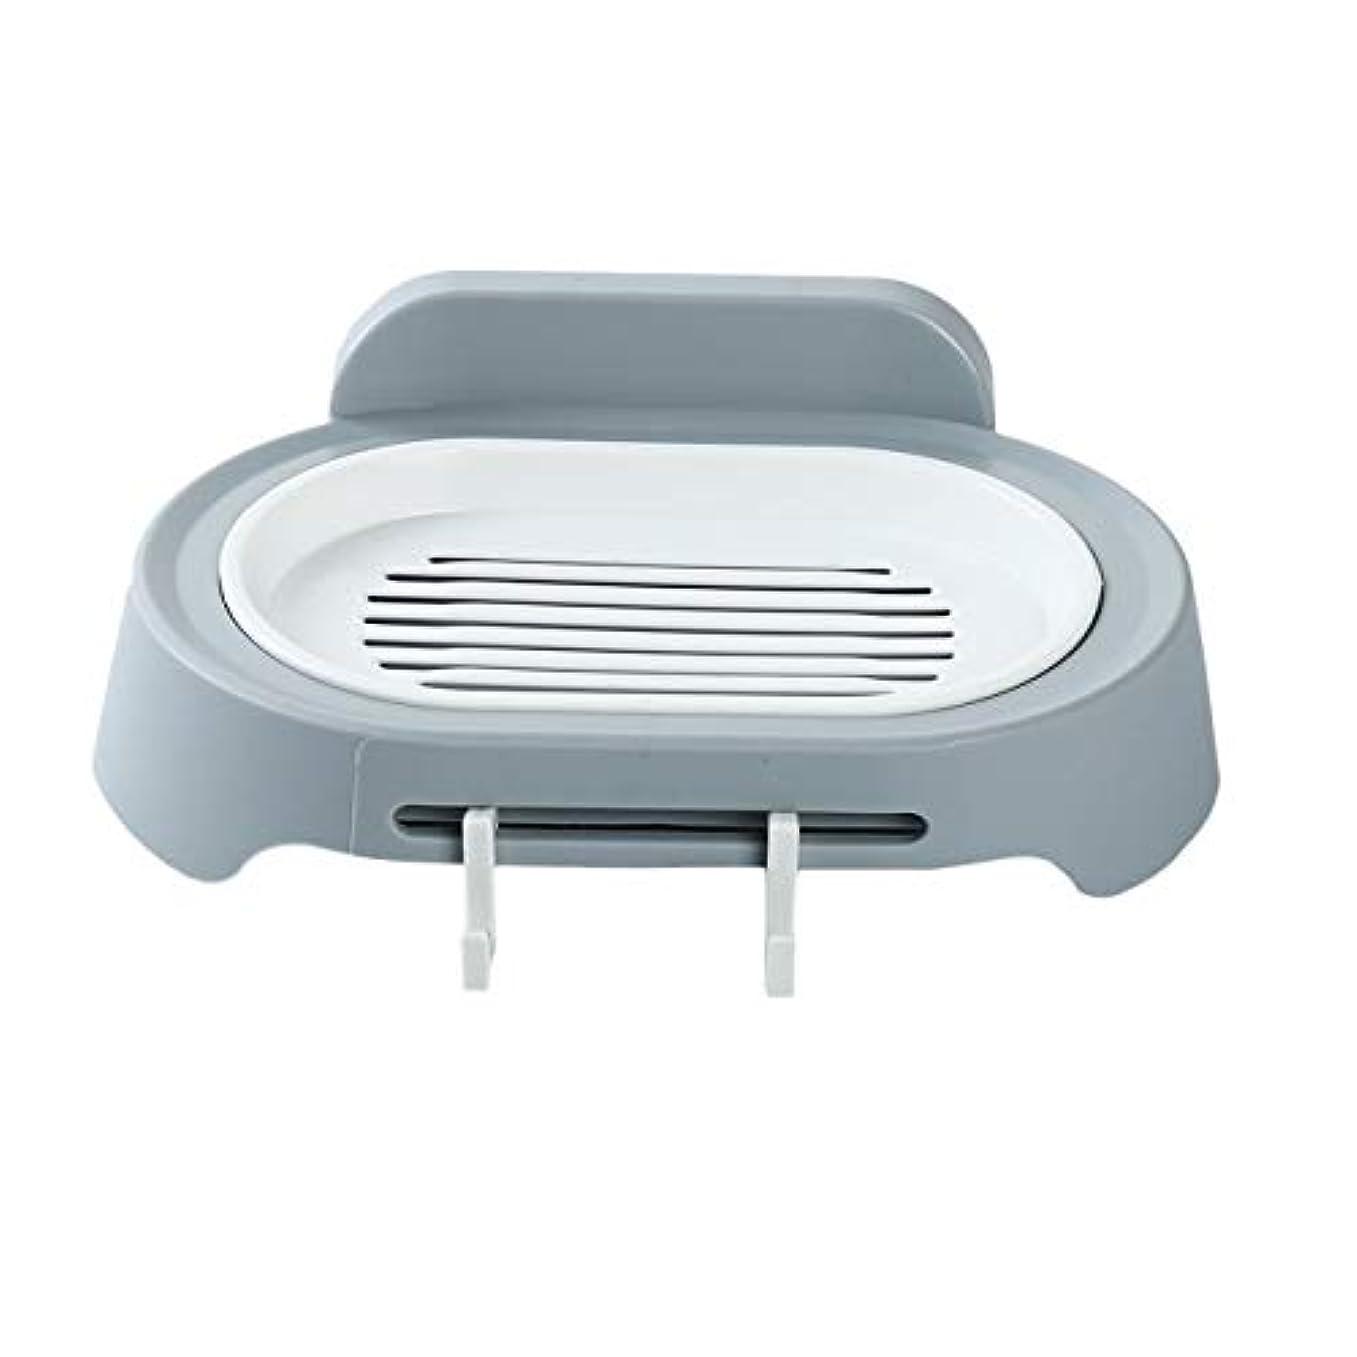 インスタンスニックネーム被るZALING 灰色のホックが付いているの浴室の石鹸の貯蔵の吸引の壁に取り付けられた石鹸のオルガナイザー